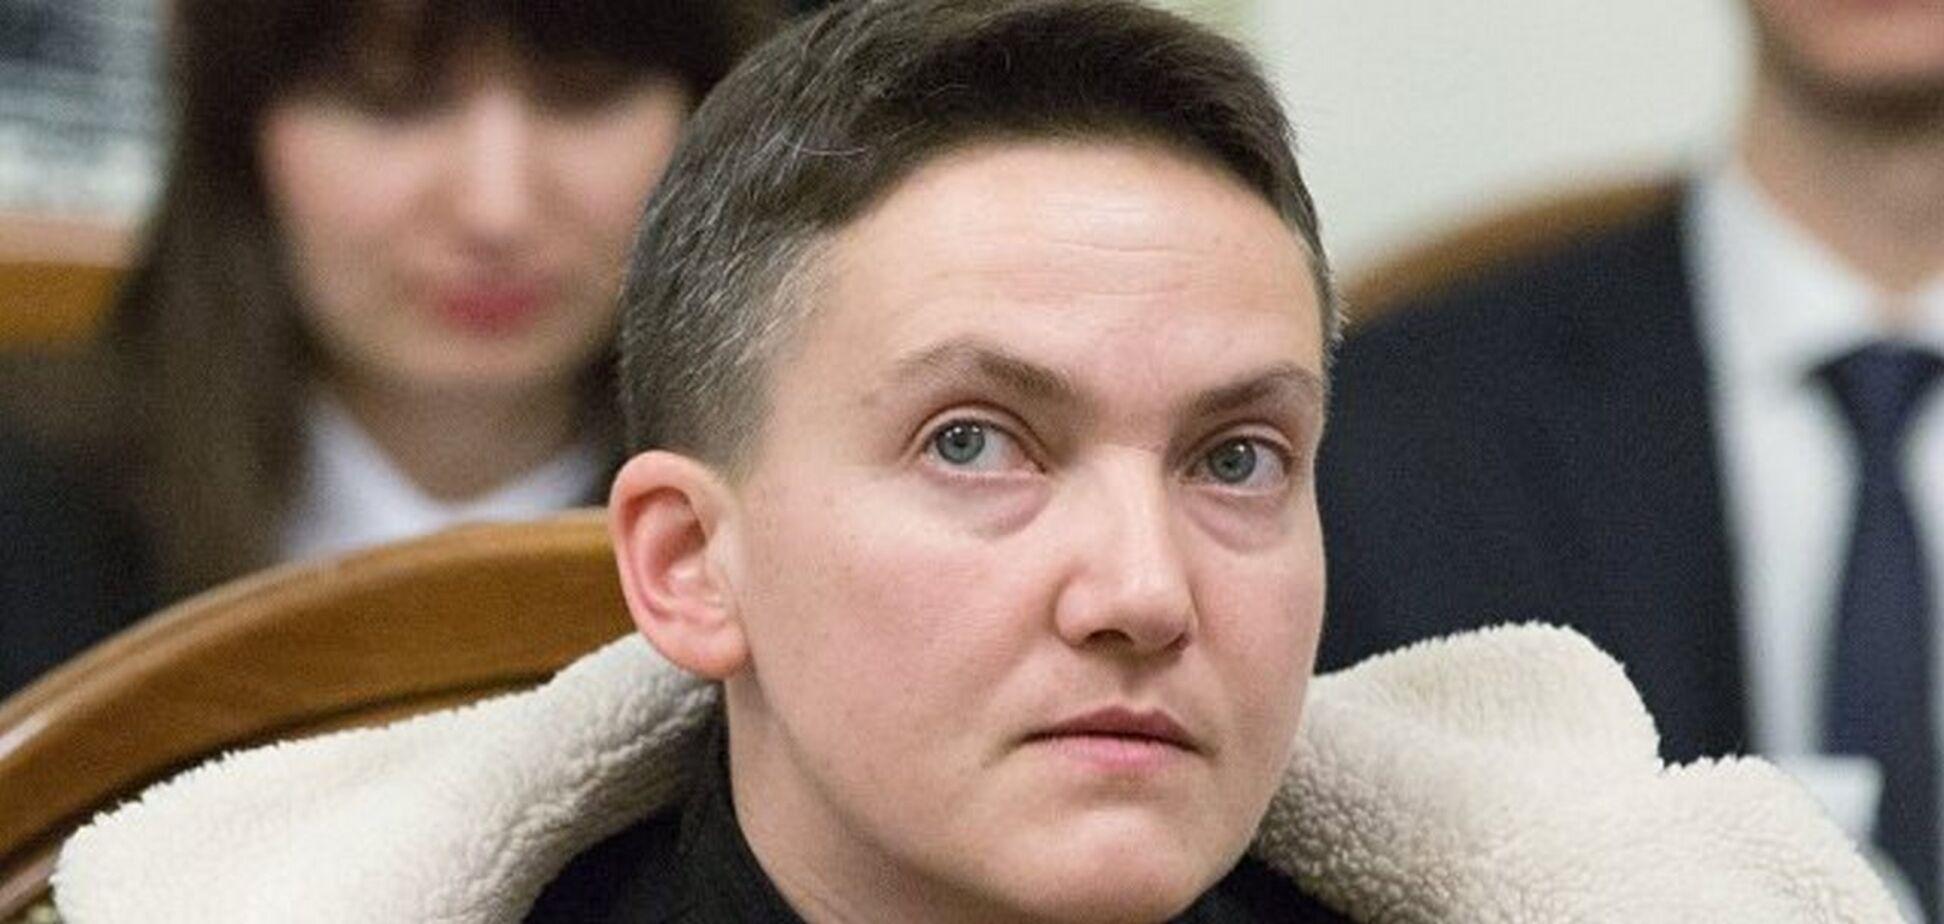 Савченко в інтерв'ю пропагандистам НТВ заявила, що 'майдани в Україні відбувалися з подачі Заходу'